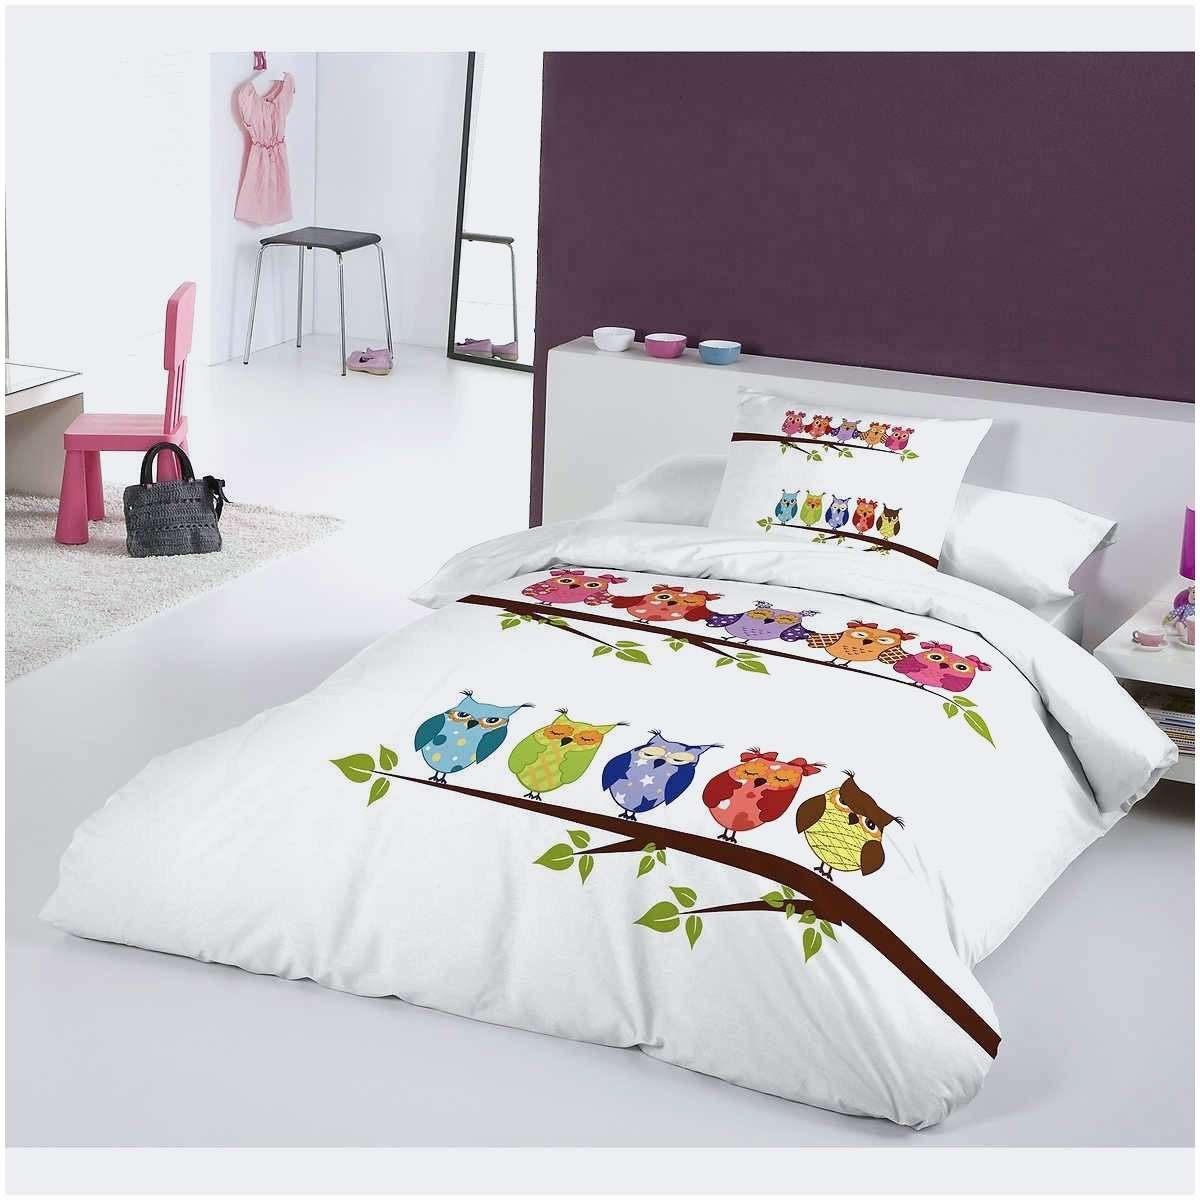 Ikea Draps De Lit Meilleur De Inspiré Drap En Lin Beautiful Tete De Lit A Housser Matelas Oeko Tex